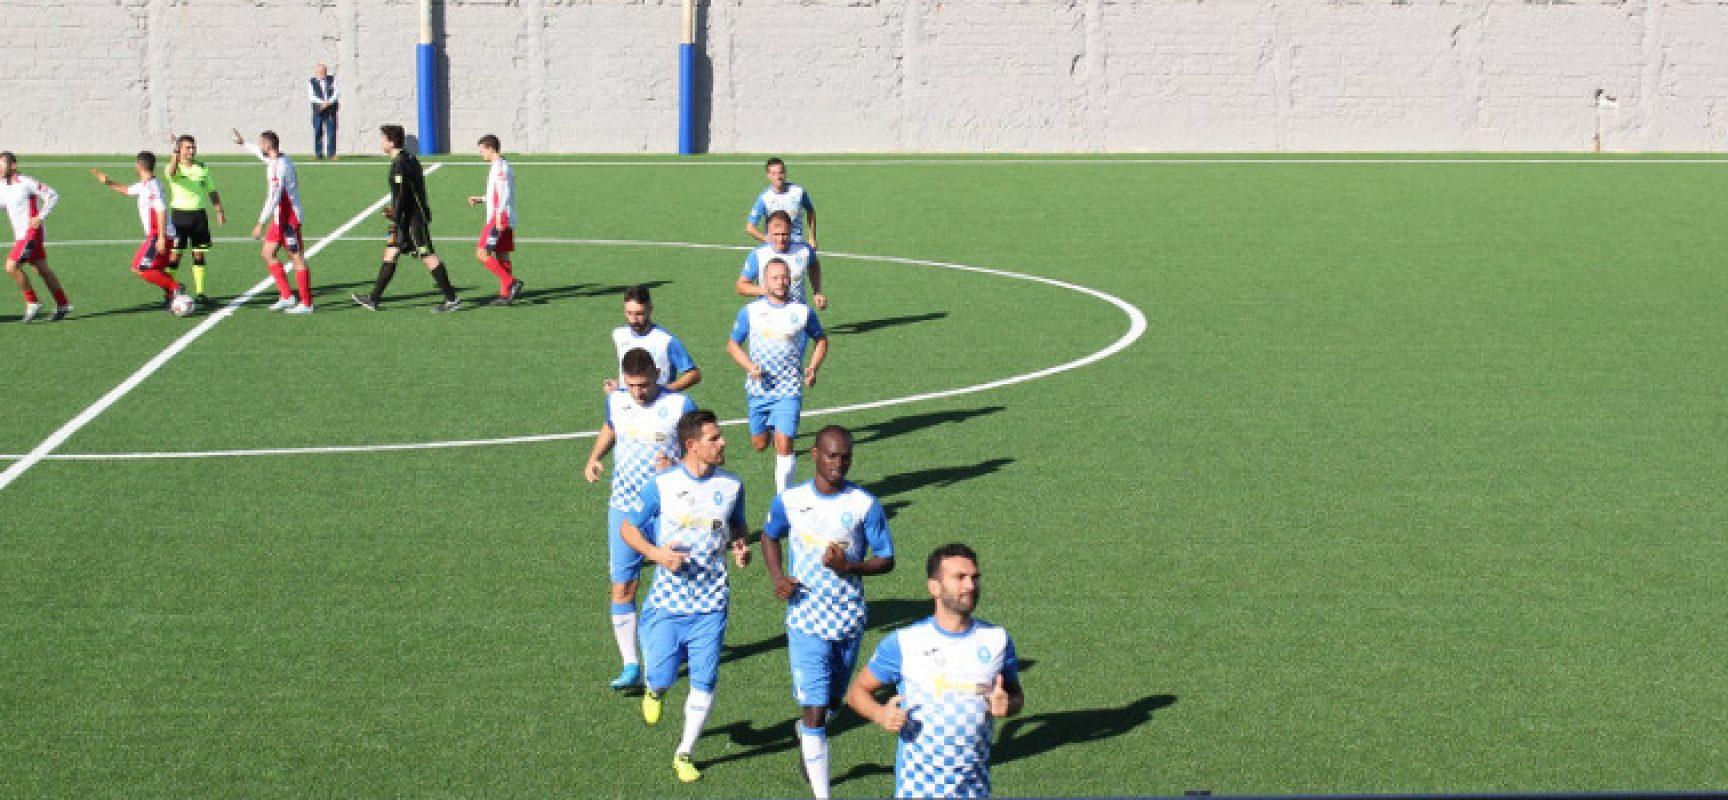 Virtus Bisceglie sconfitta nel finale dalla capolista Palese